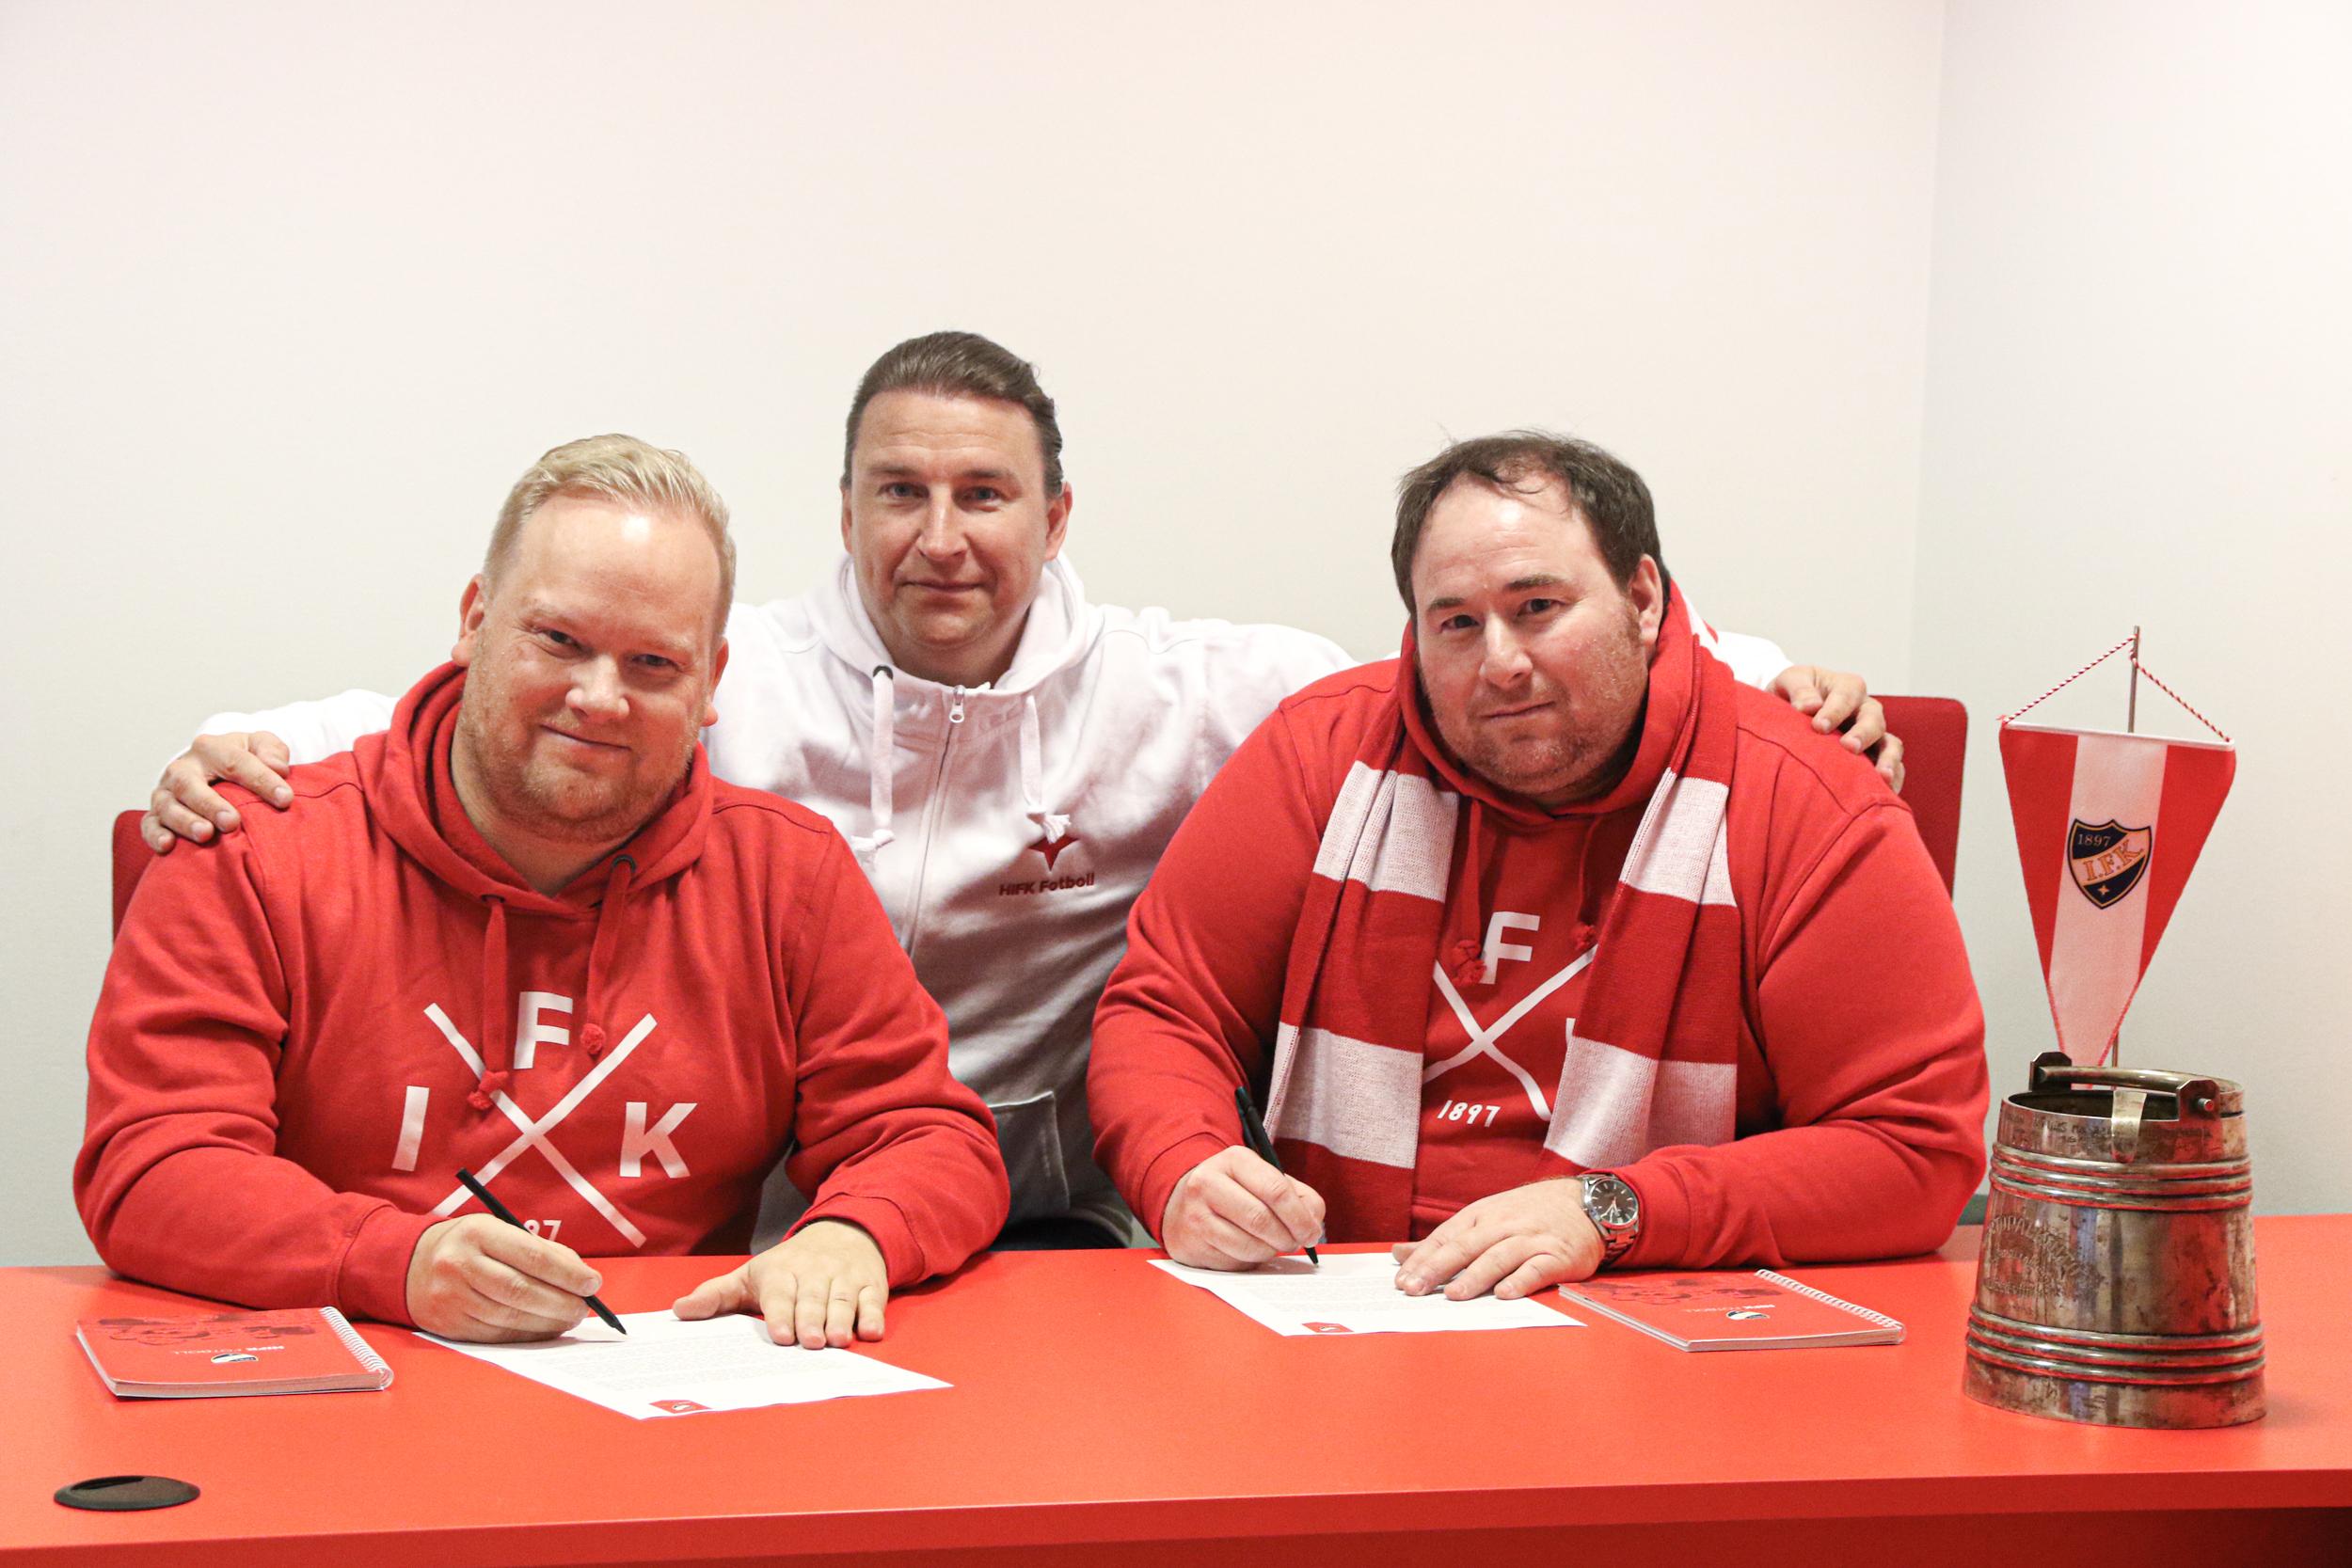 HIFK:s organisation förstärks – tre träningschefer utnämnda